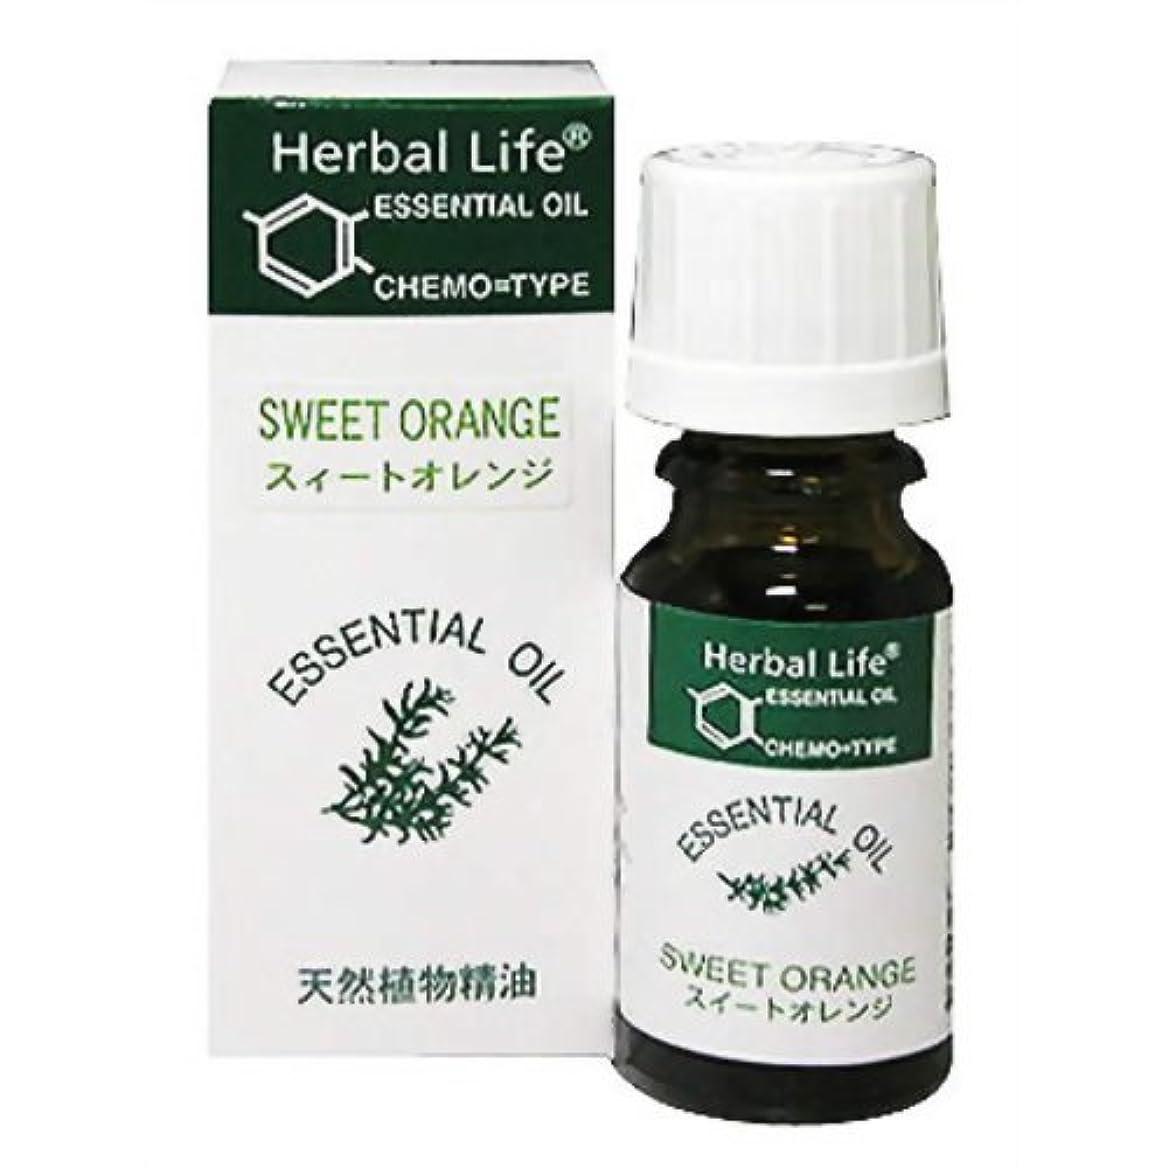 夢中脆い流出生活の木 Herbal Life スィートオレンジ 10ml